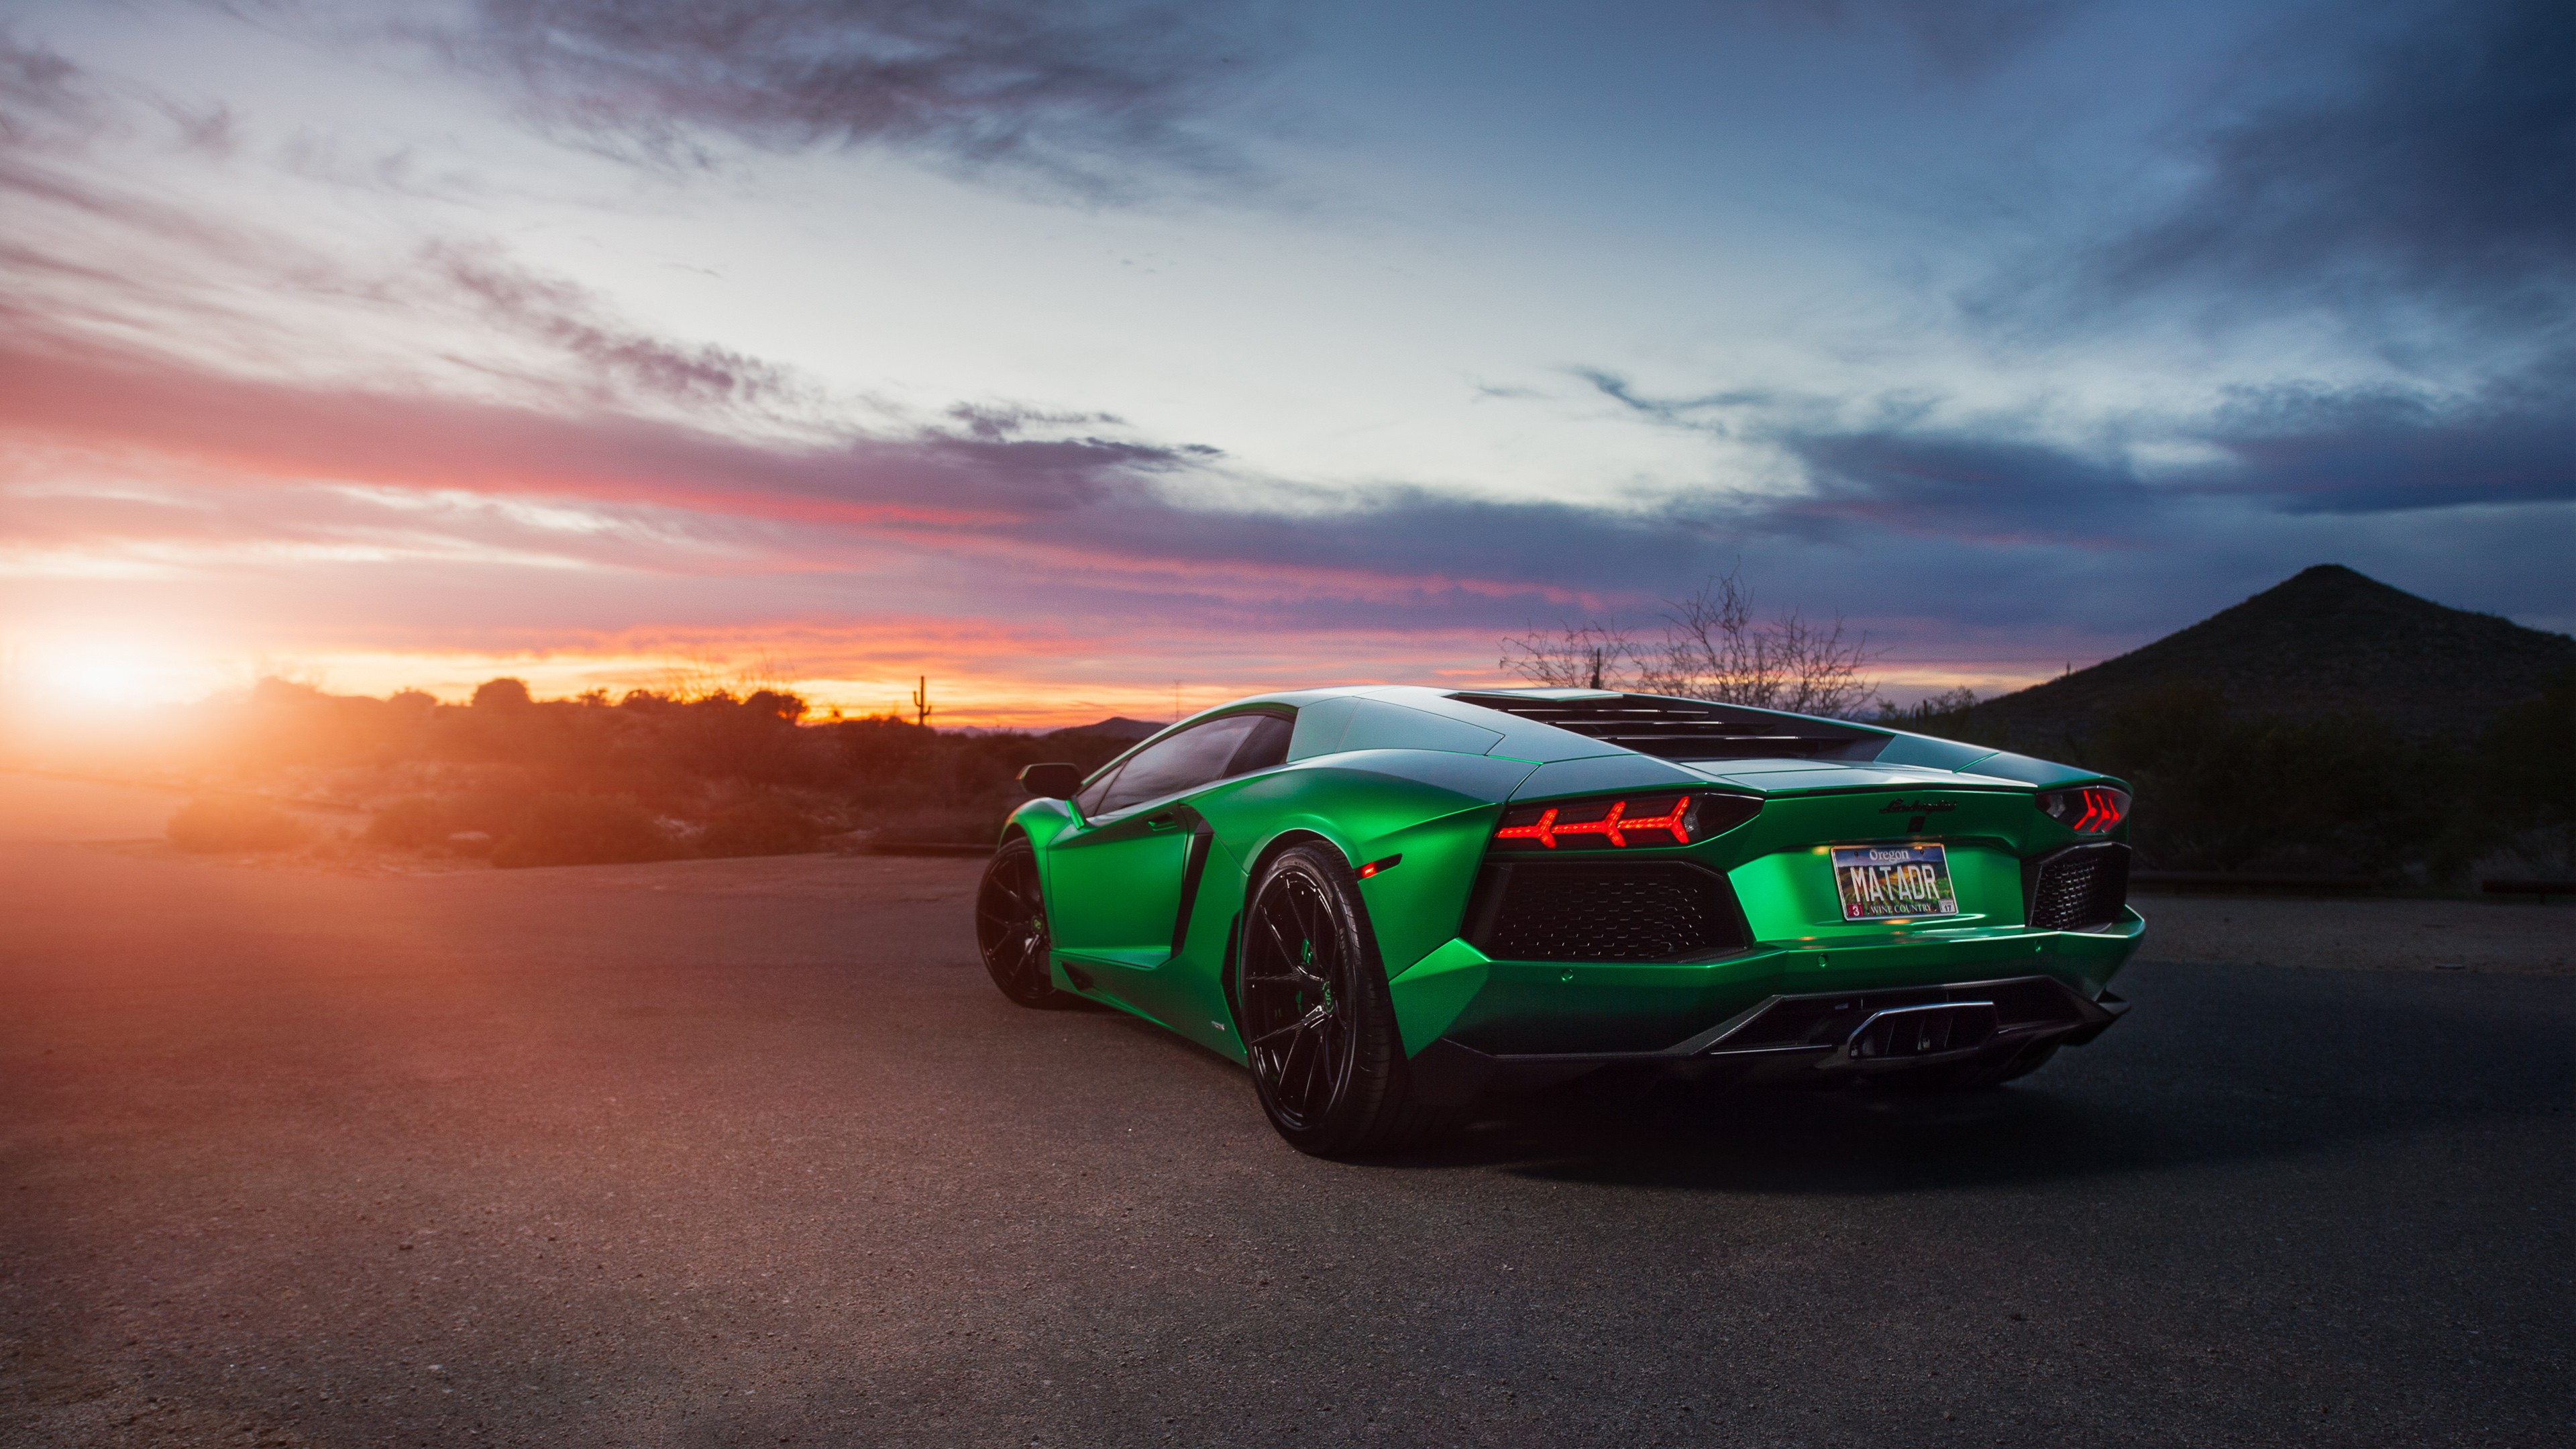 Lamborghini Aventador Green 4K Wallpaper | HD Car ...